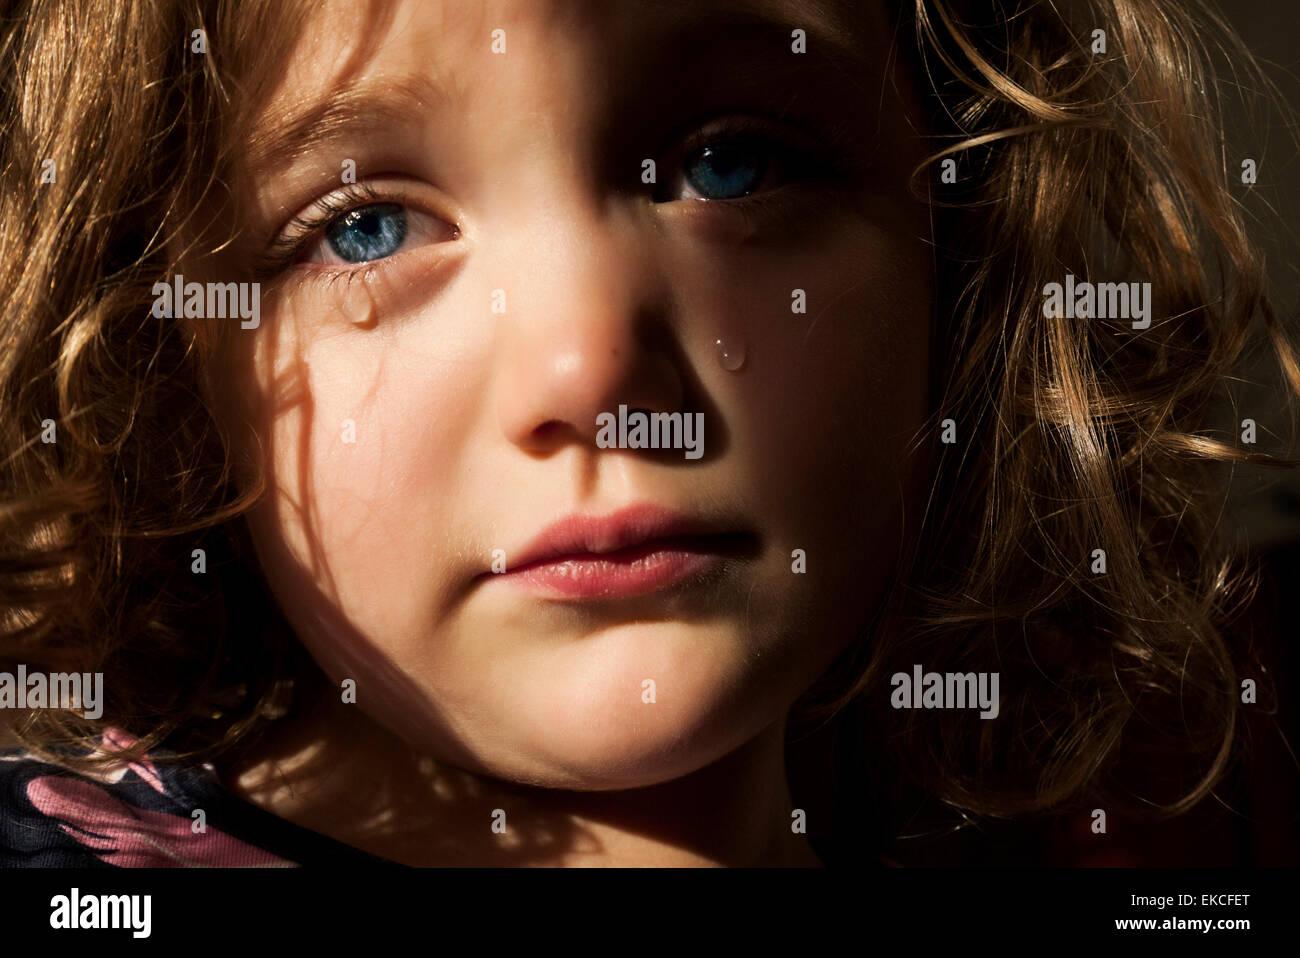 Niña llorando Imagen De Stock